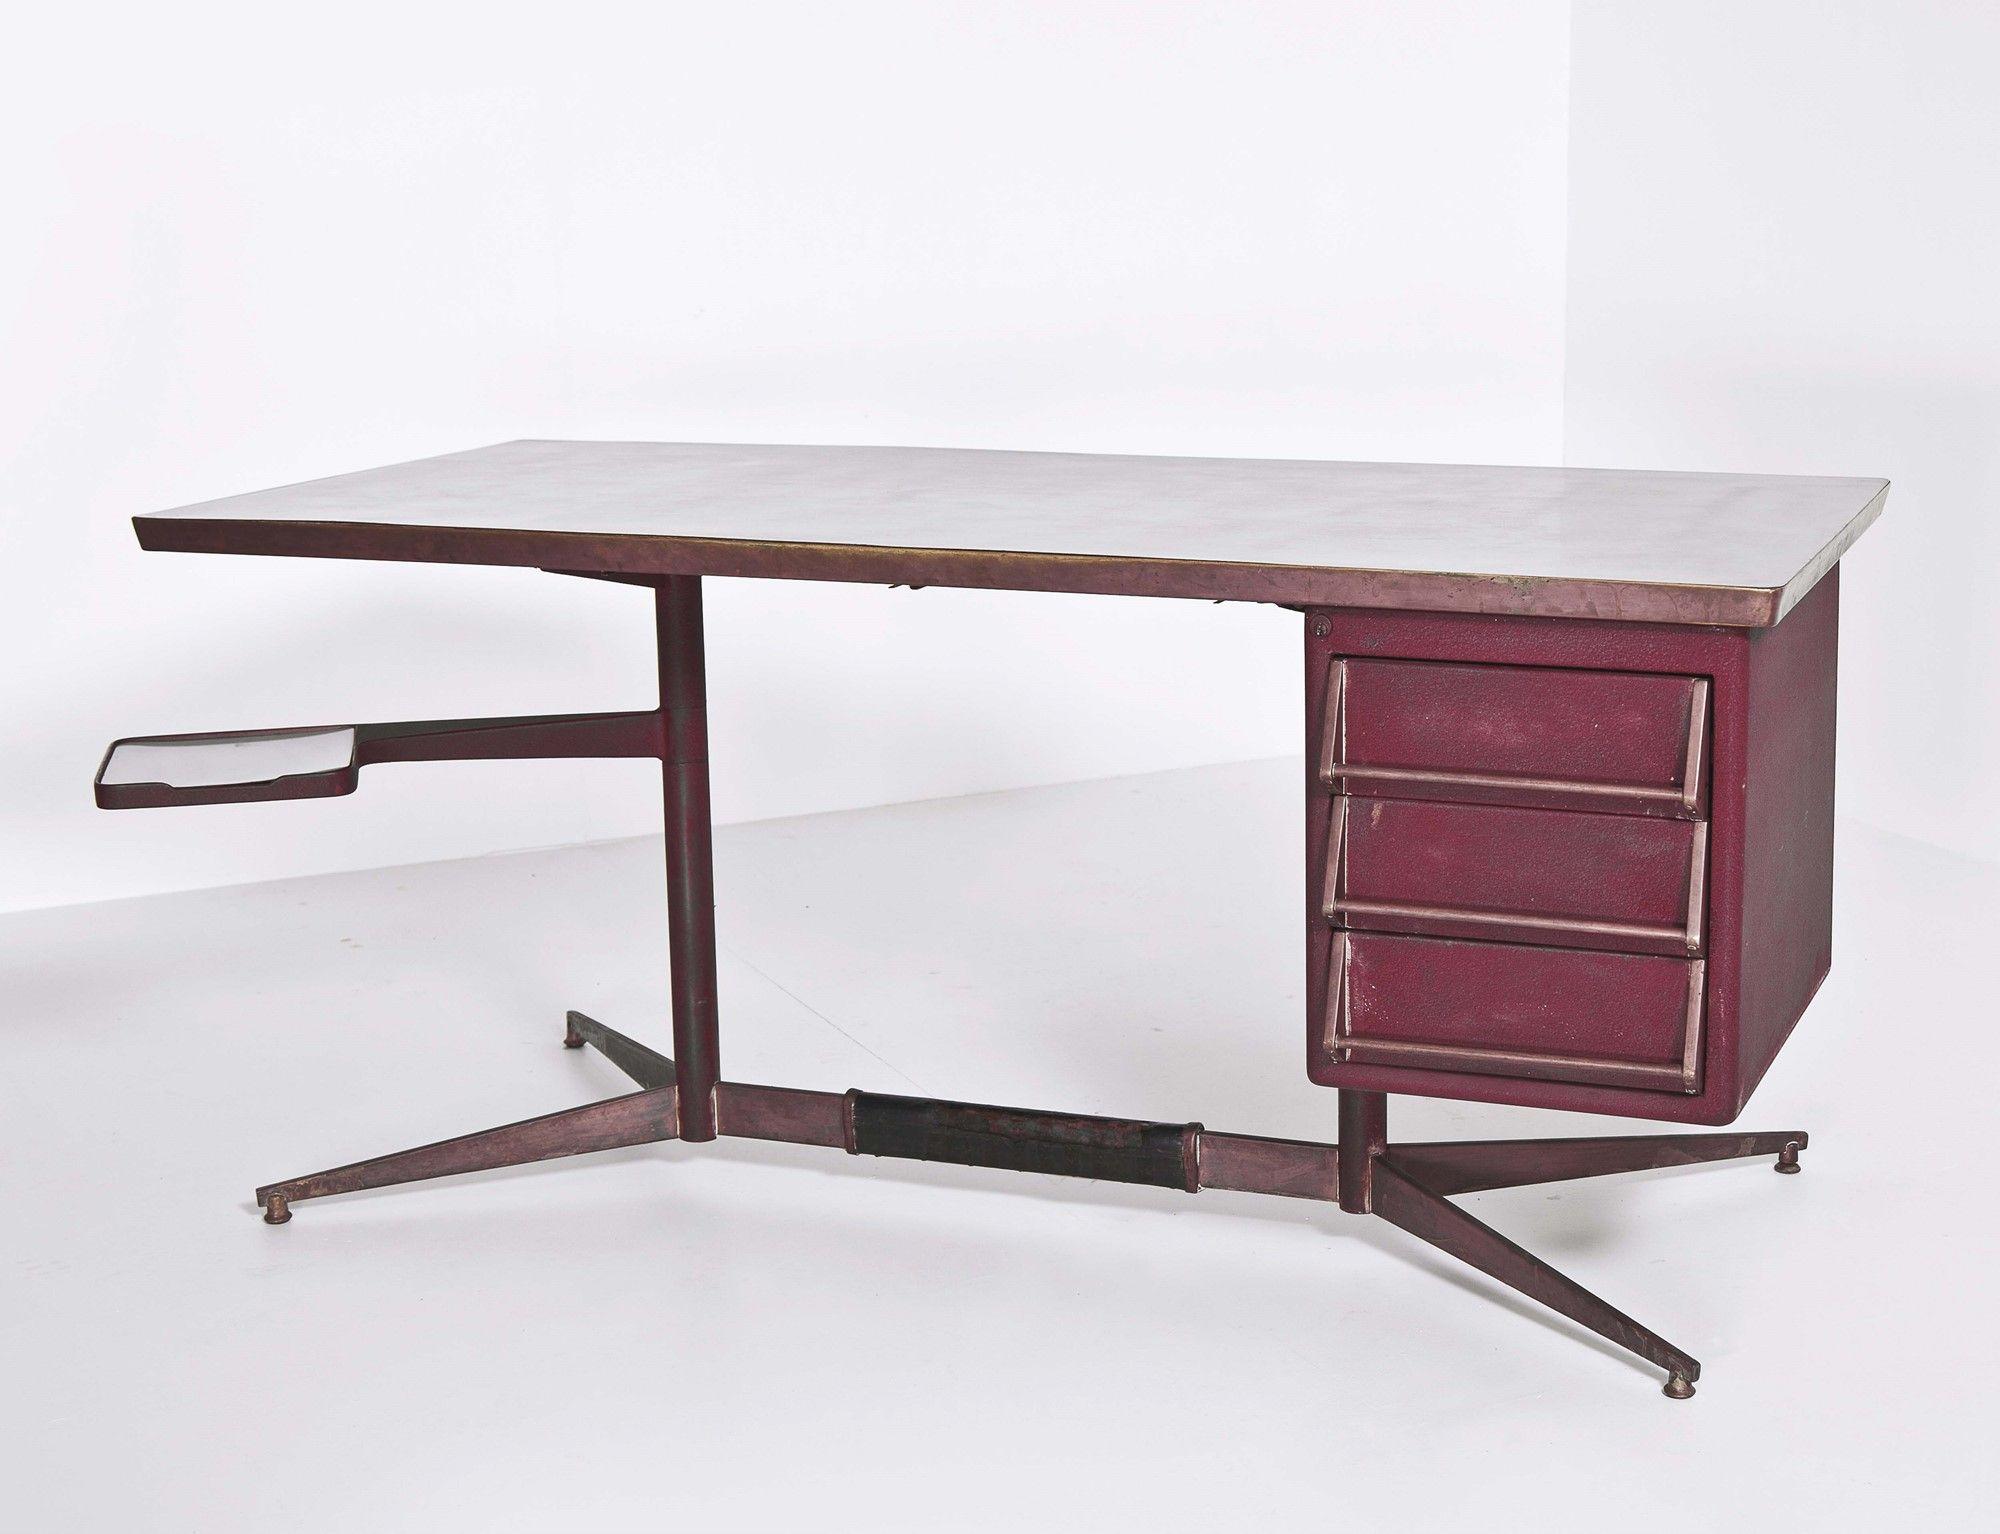 tavolo anni 50 gio ponti per rima   design   Pinterest   Gio ponti